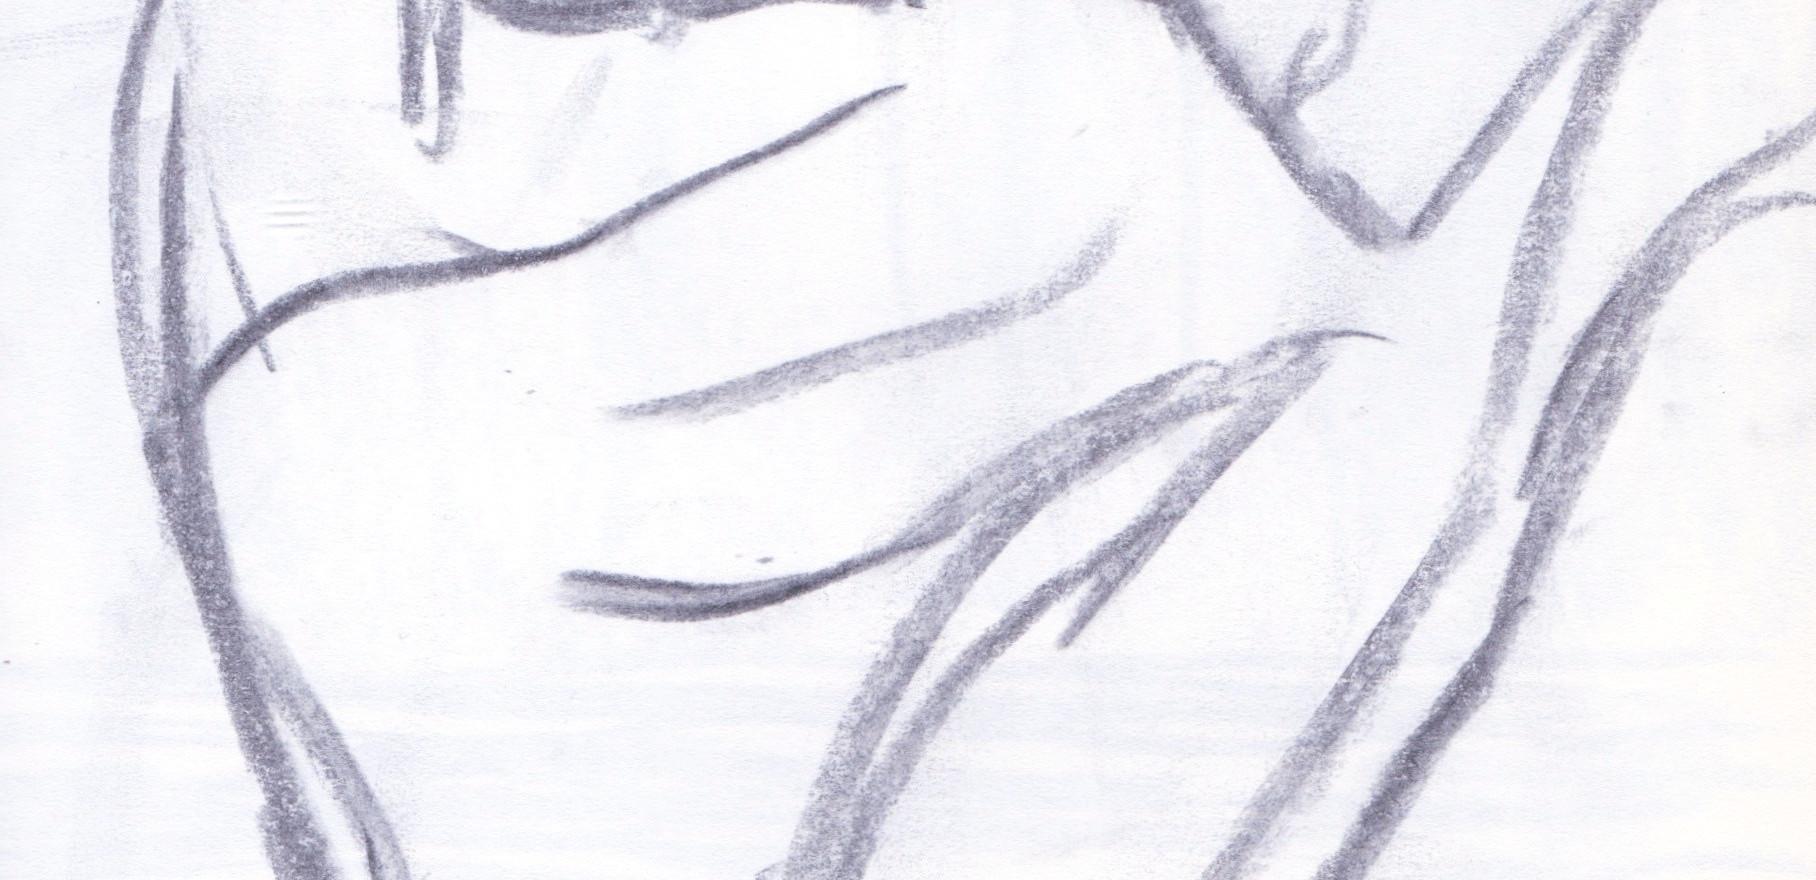 Mano con ojo, 1992, graphite sur papier